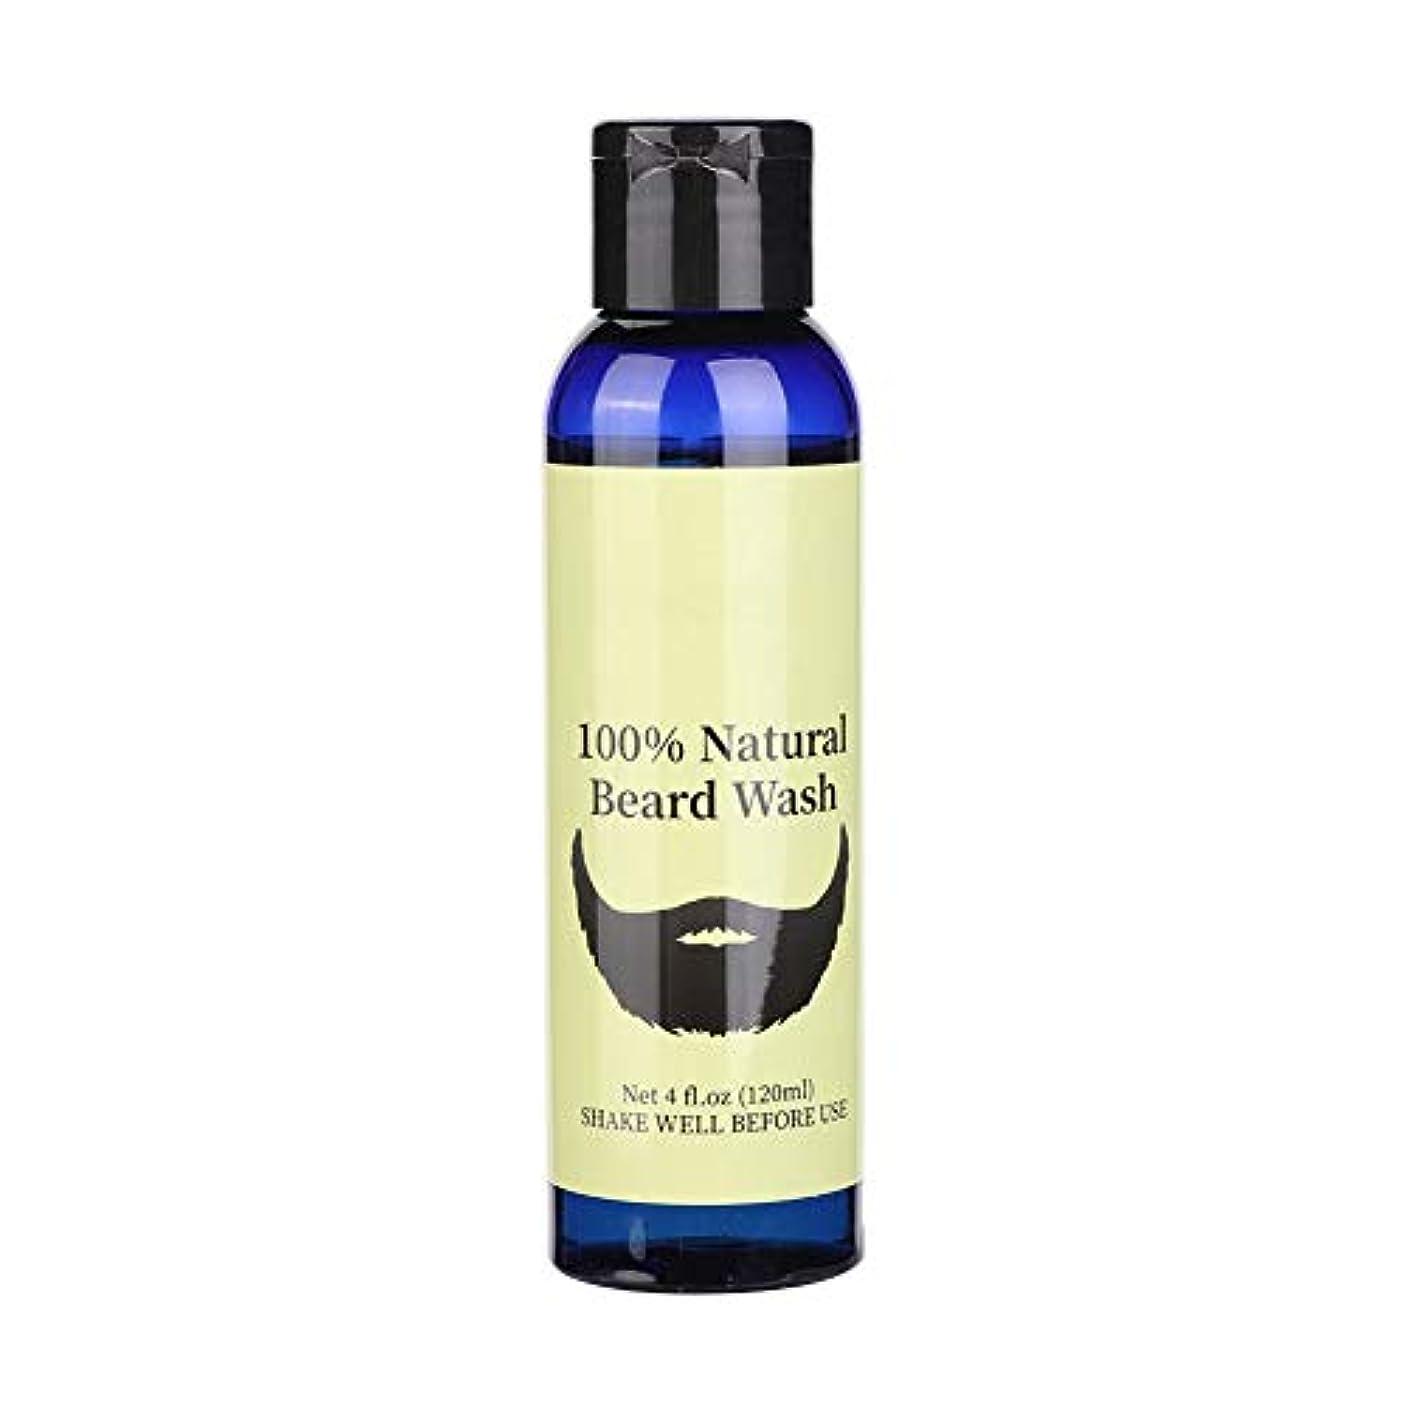 みに同意する記憶に残るひげのシャンプー、保湿の滑らかになること容易あらゆるひげのタイプのためのひげの清潔になるシャンプーを管理しなさい